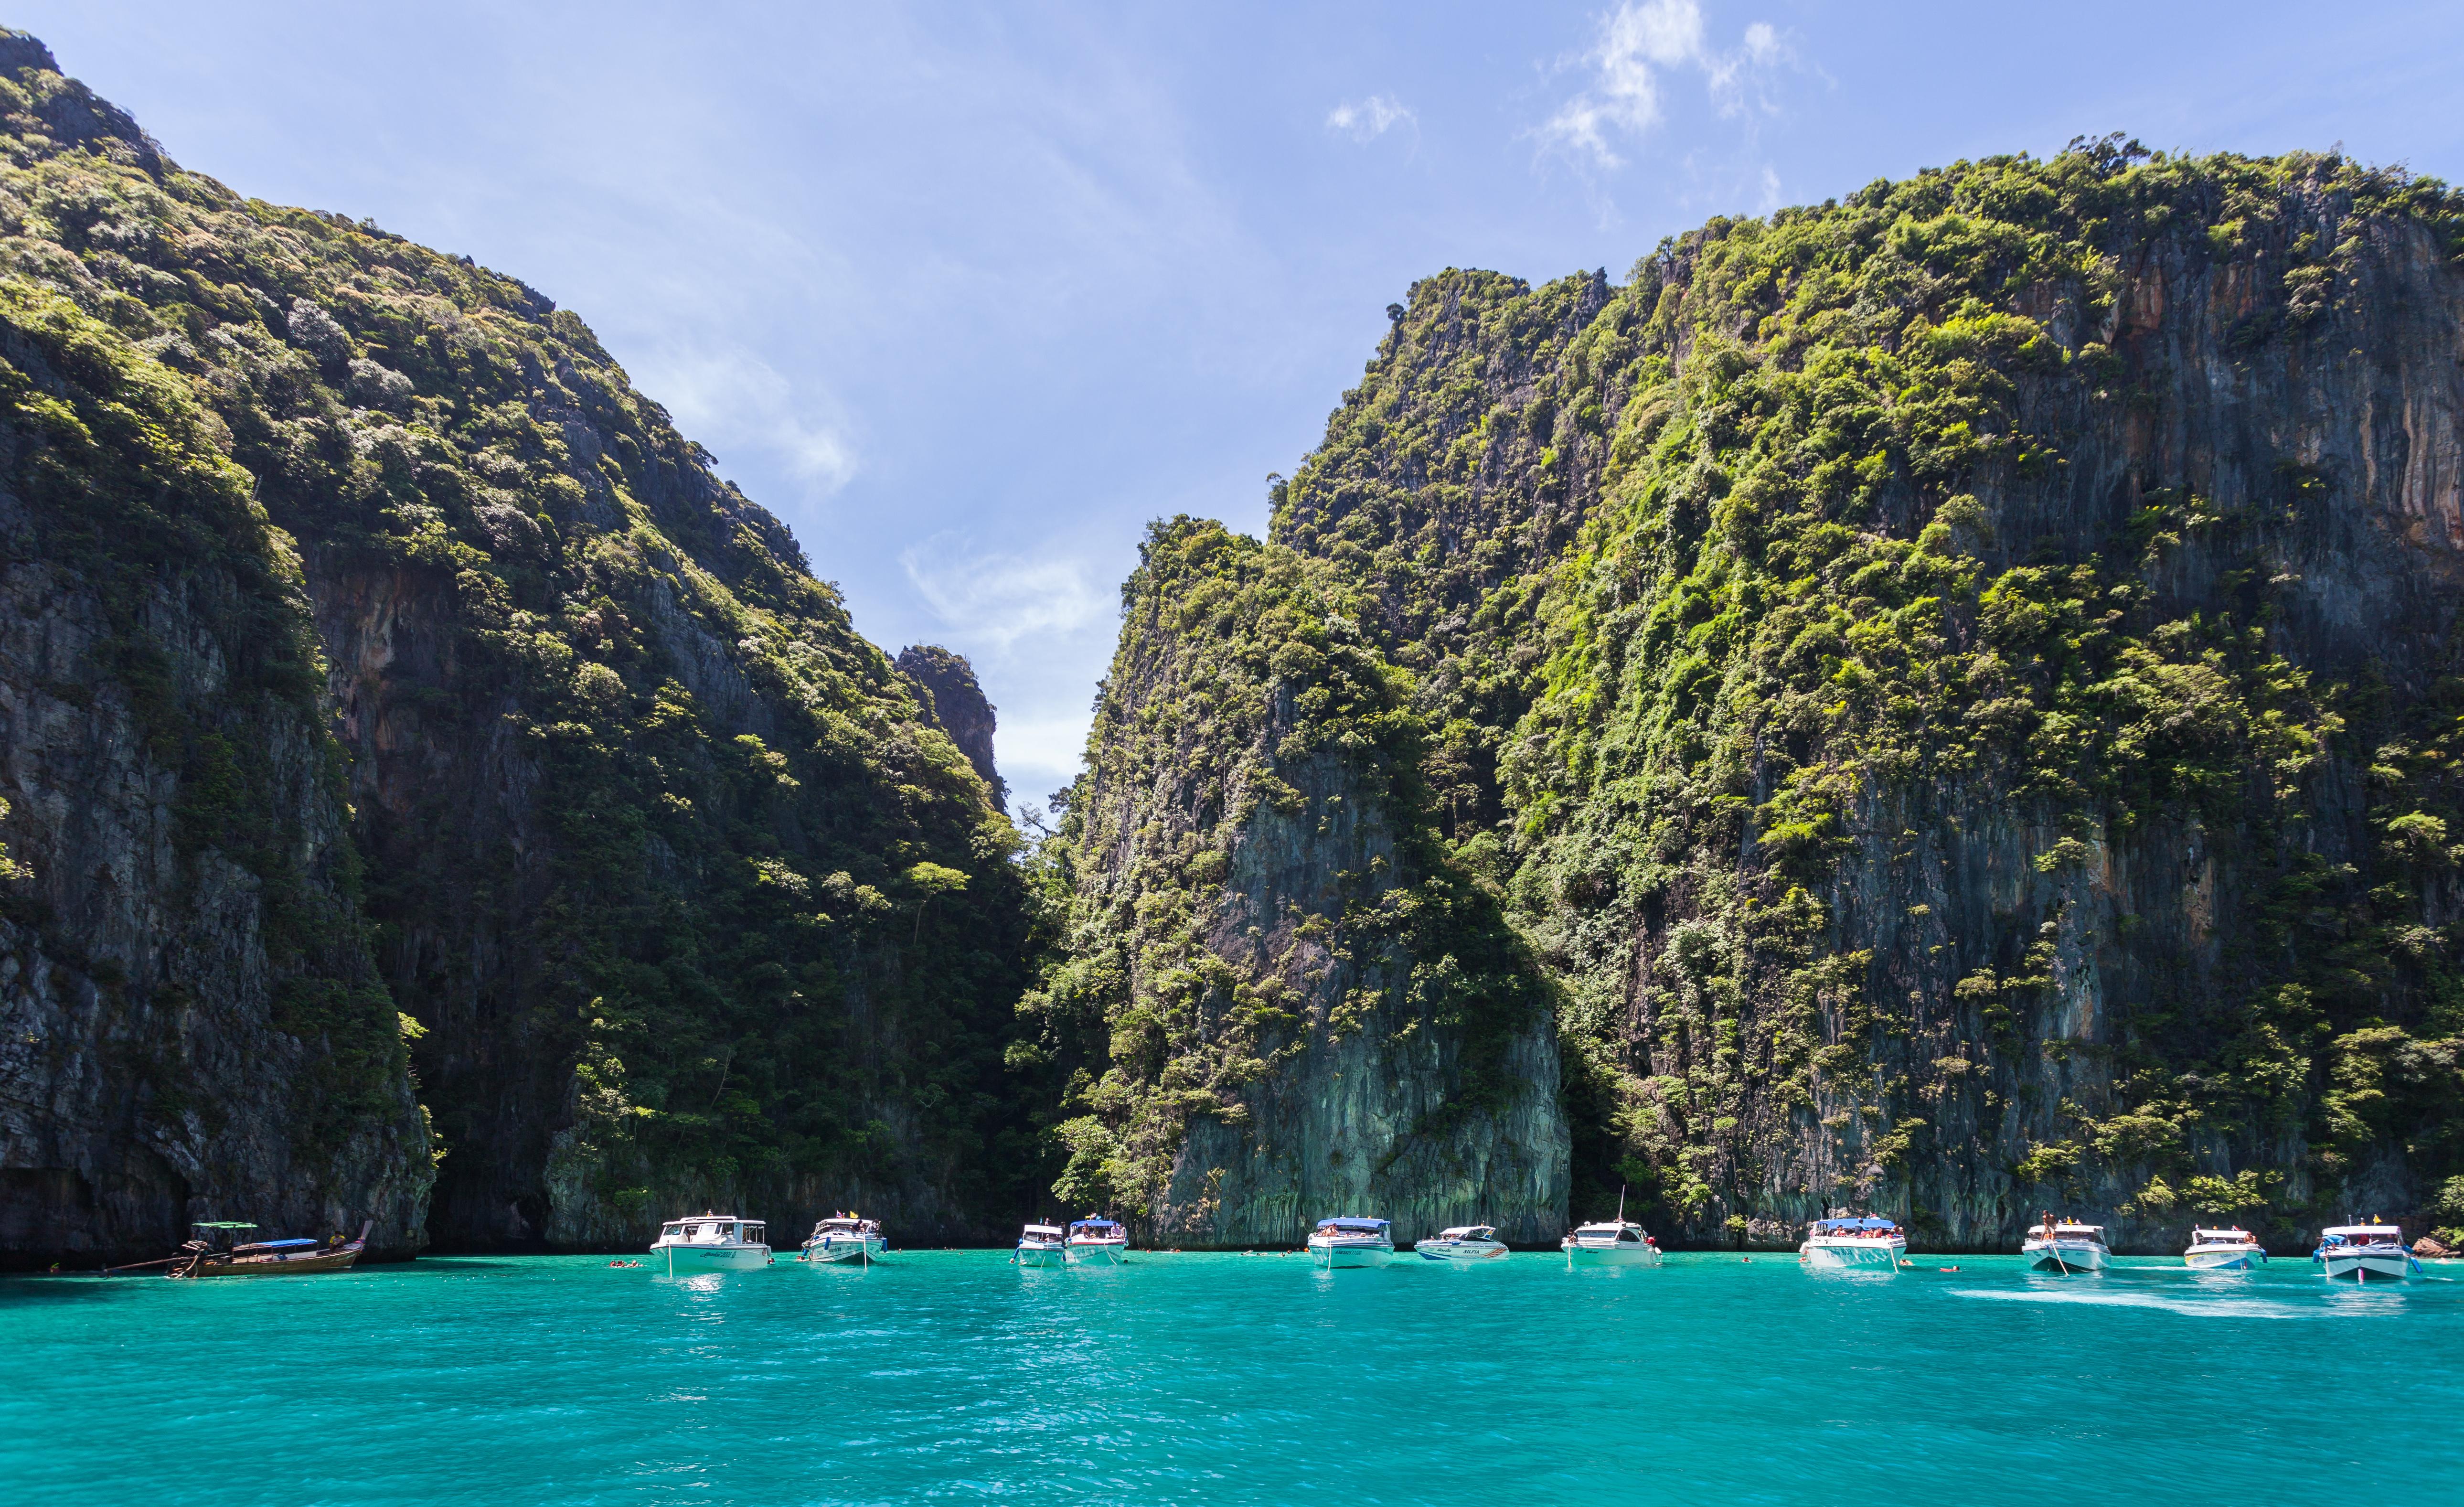 Isla Phi Phi Lay C Tailandia C C Dd moreover Maxresdefault further Maxresdefault furthermore Maxresdefault as well Maxresdefault. on more 5159